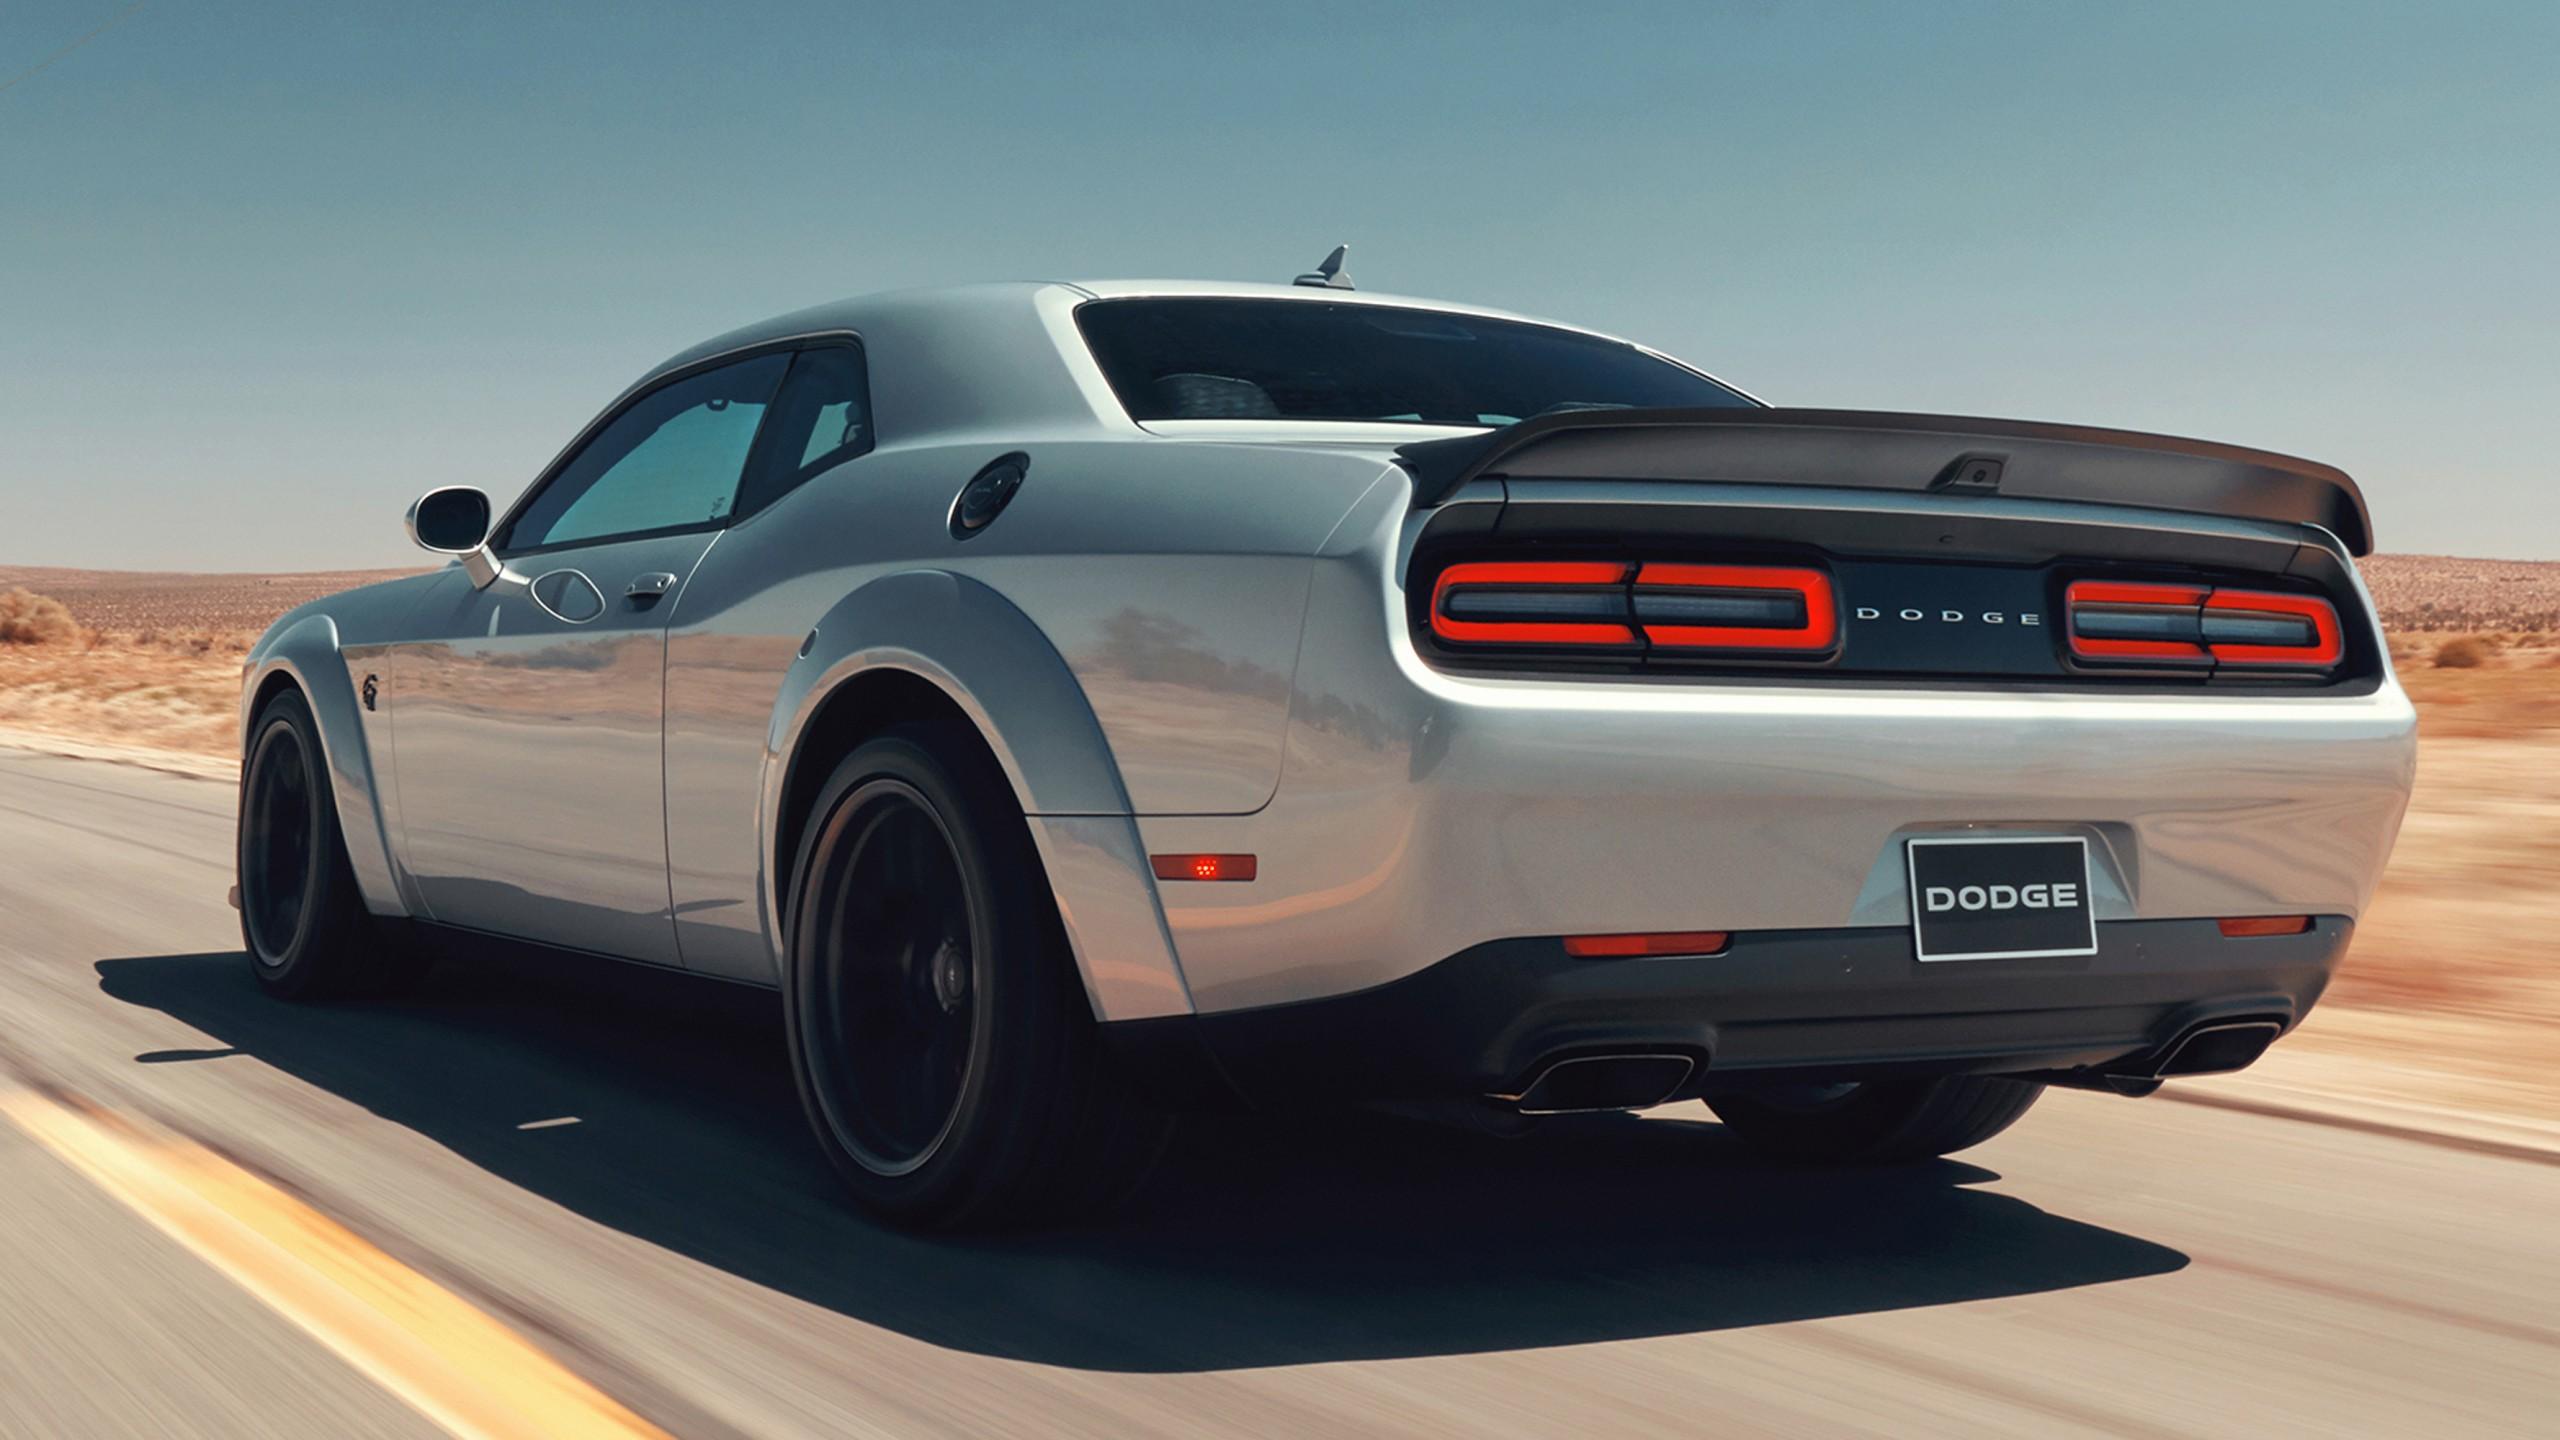 Wallpaper Dodge Challenger Srt Hellcat 2019 Cars 4k